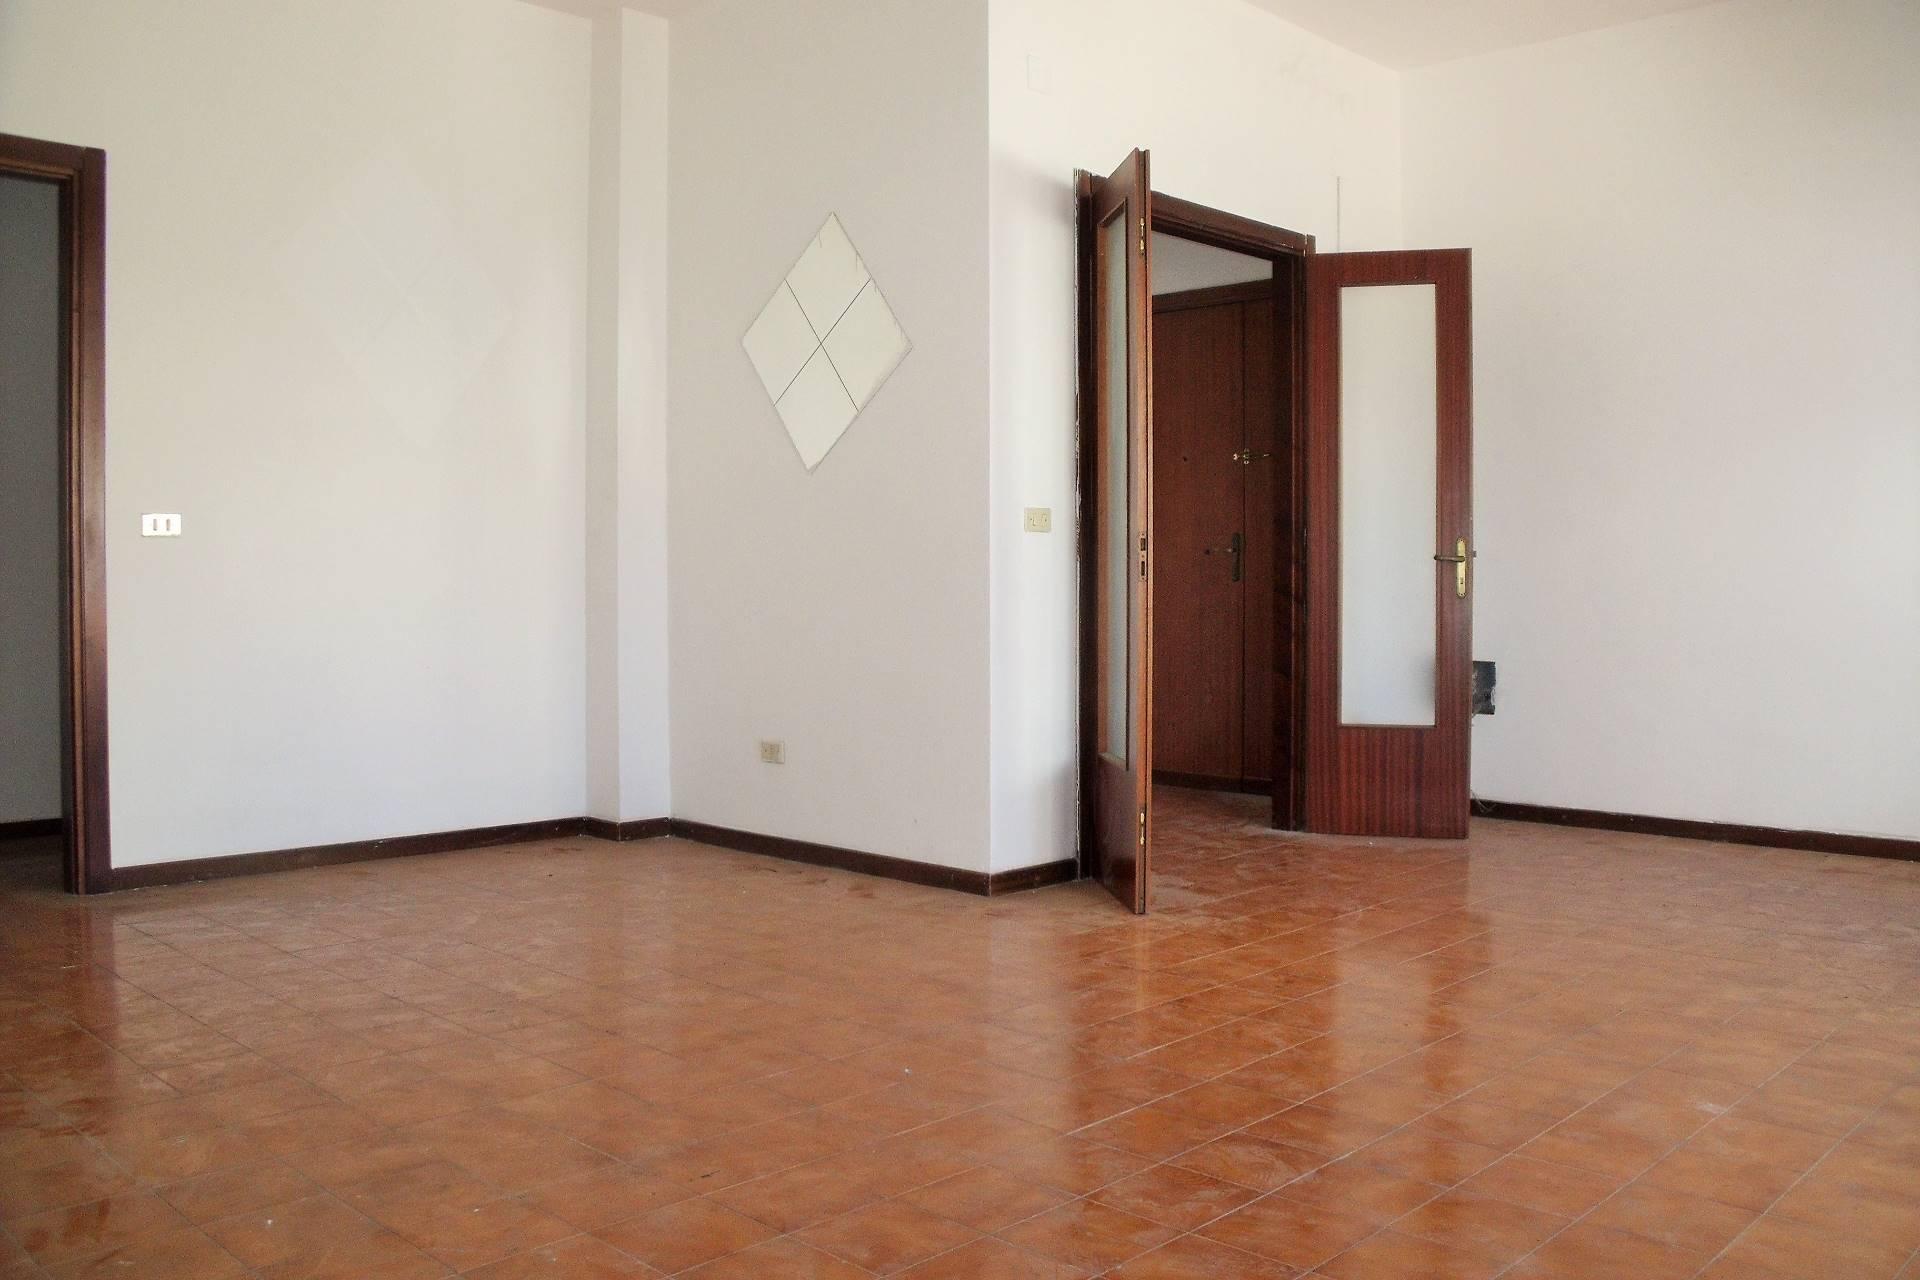 Appartamento in vendita a Matino, 6 locali, prezzo € 45.000 | Cambio Casa.it